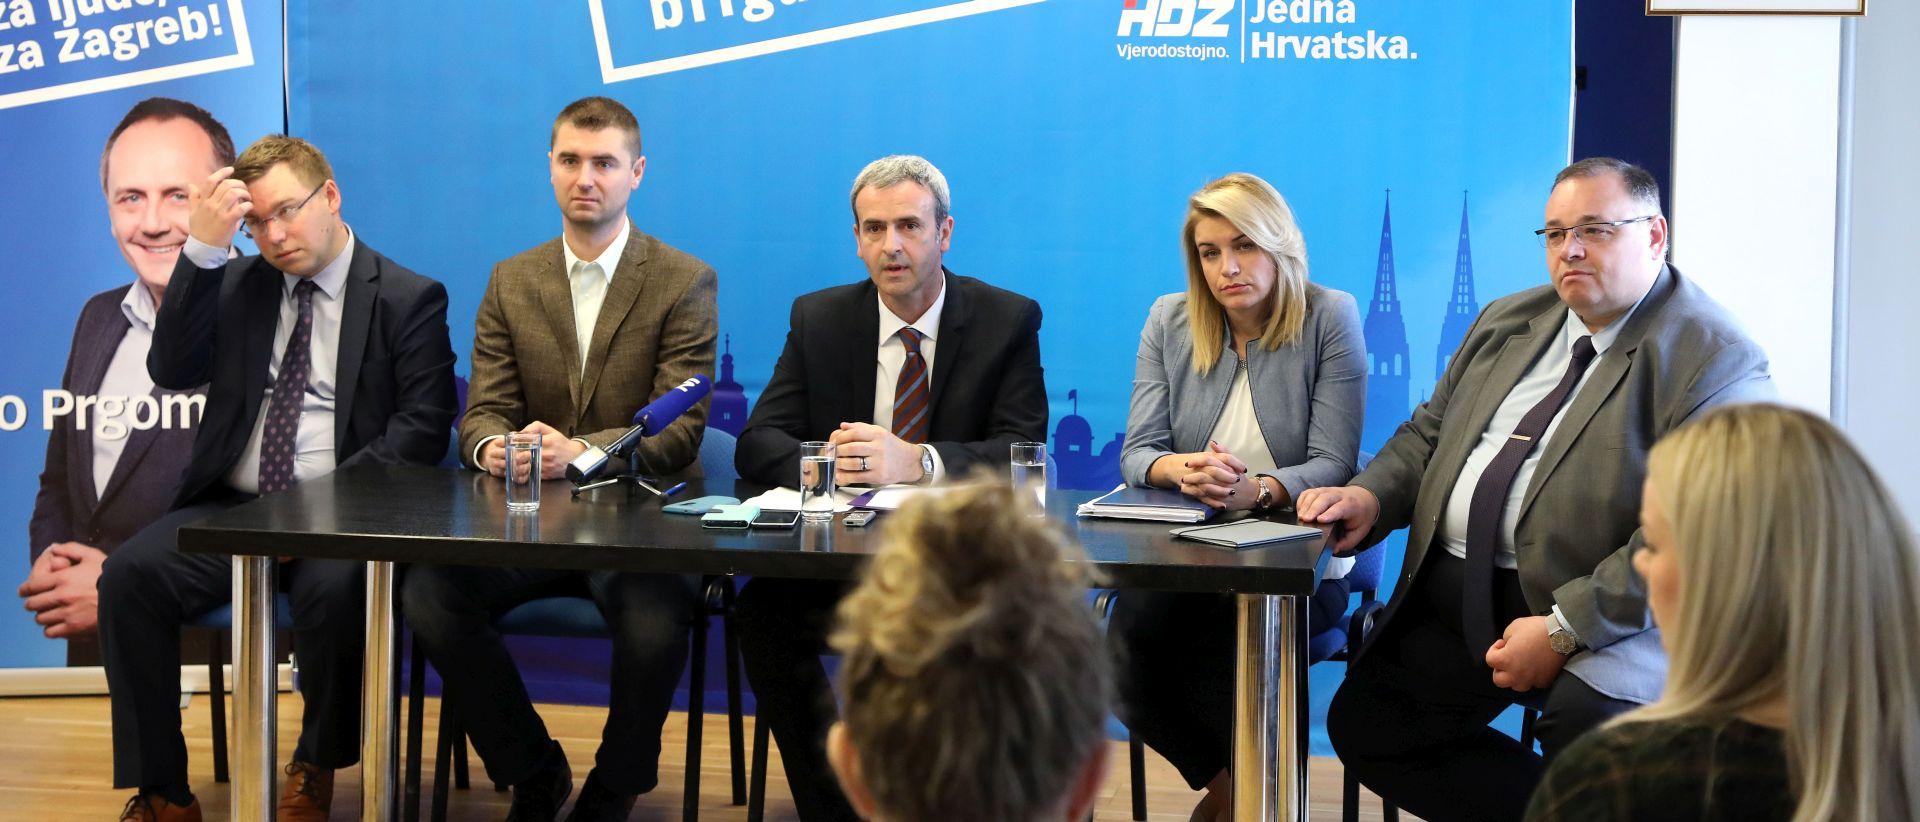 Krunoslav Katičić, Prgometov kandidat za zamjenika o upravljanja gradskom imovinom